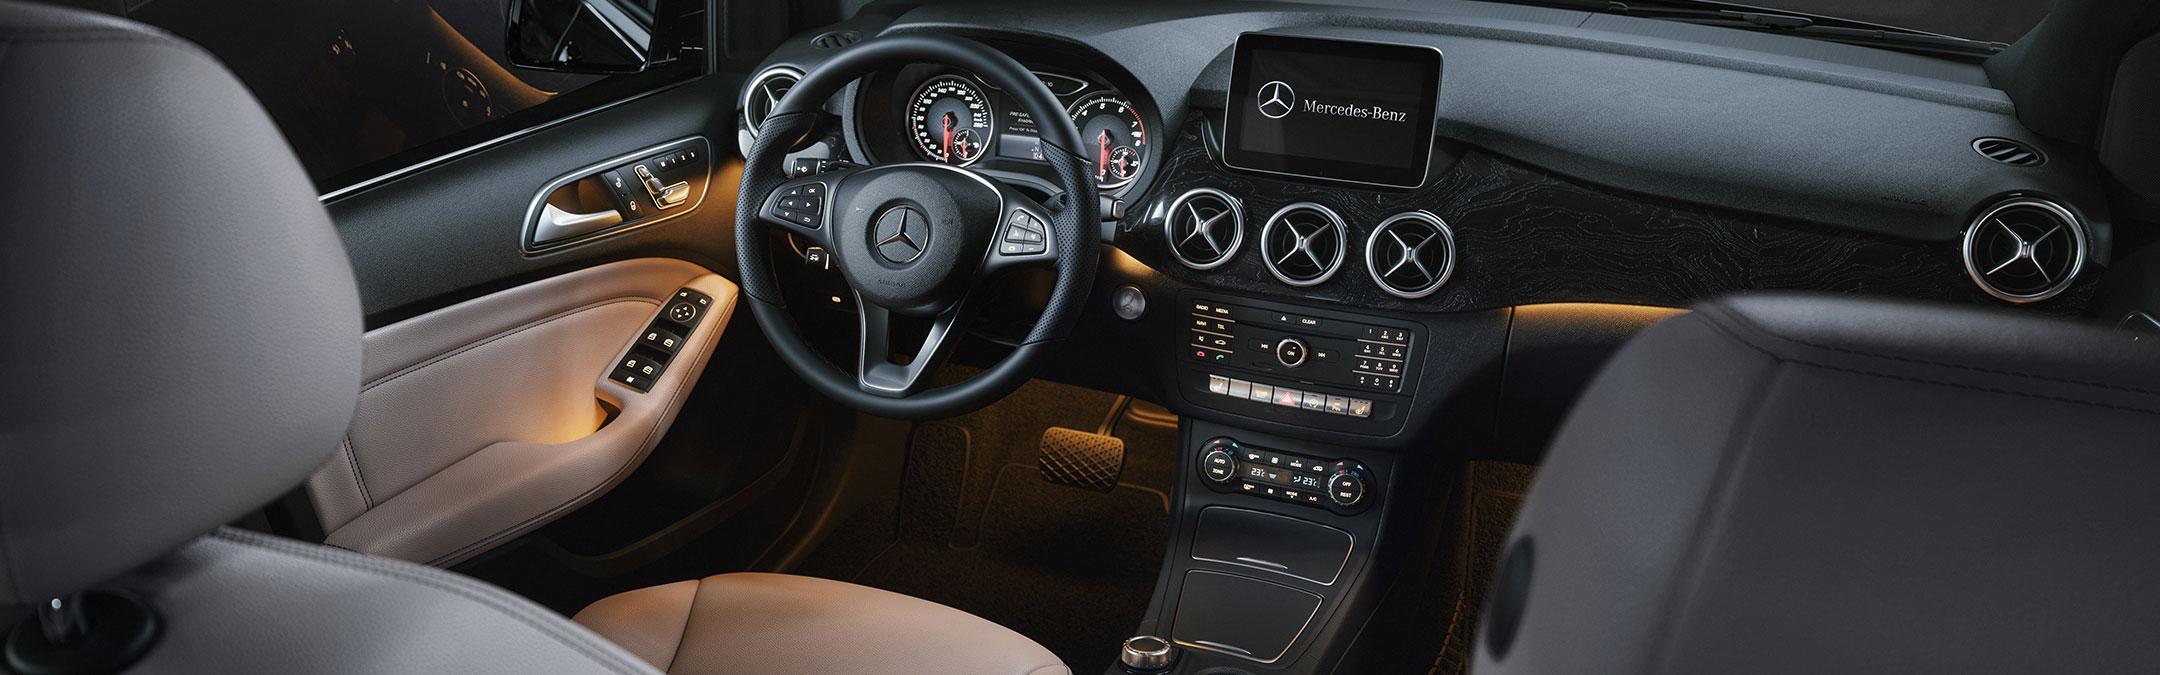 2019 B Class Sports Tourer Mercedes Benz